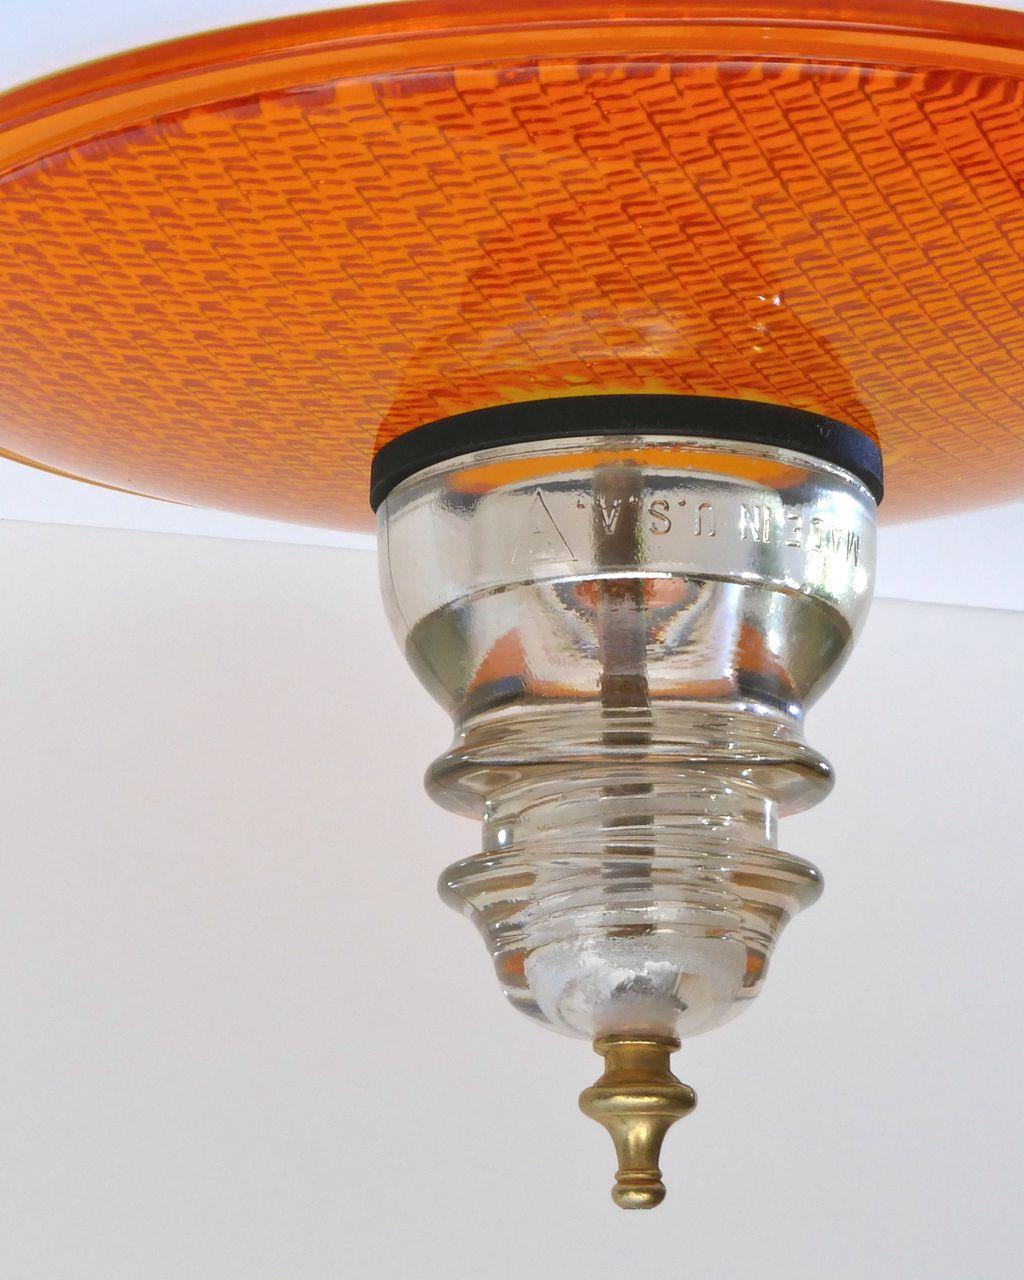 Trafficlight Insulator Ceiling Fan Kit Railroadware